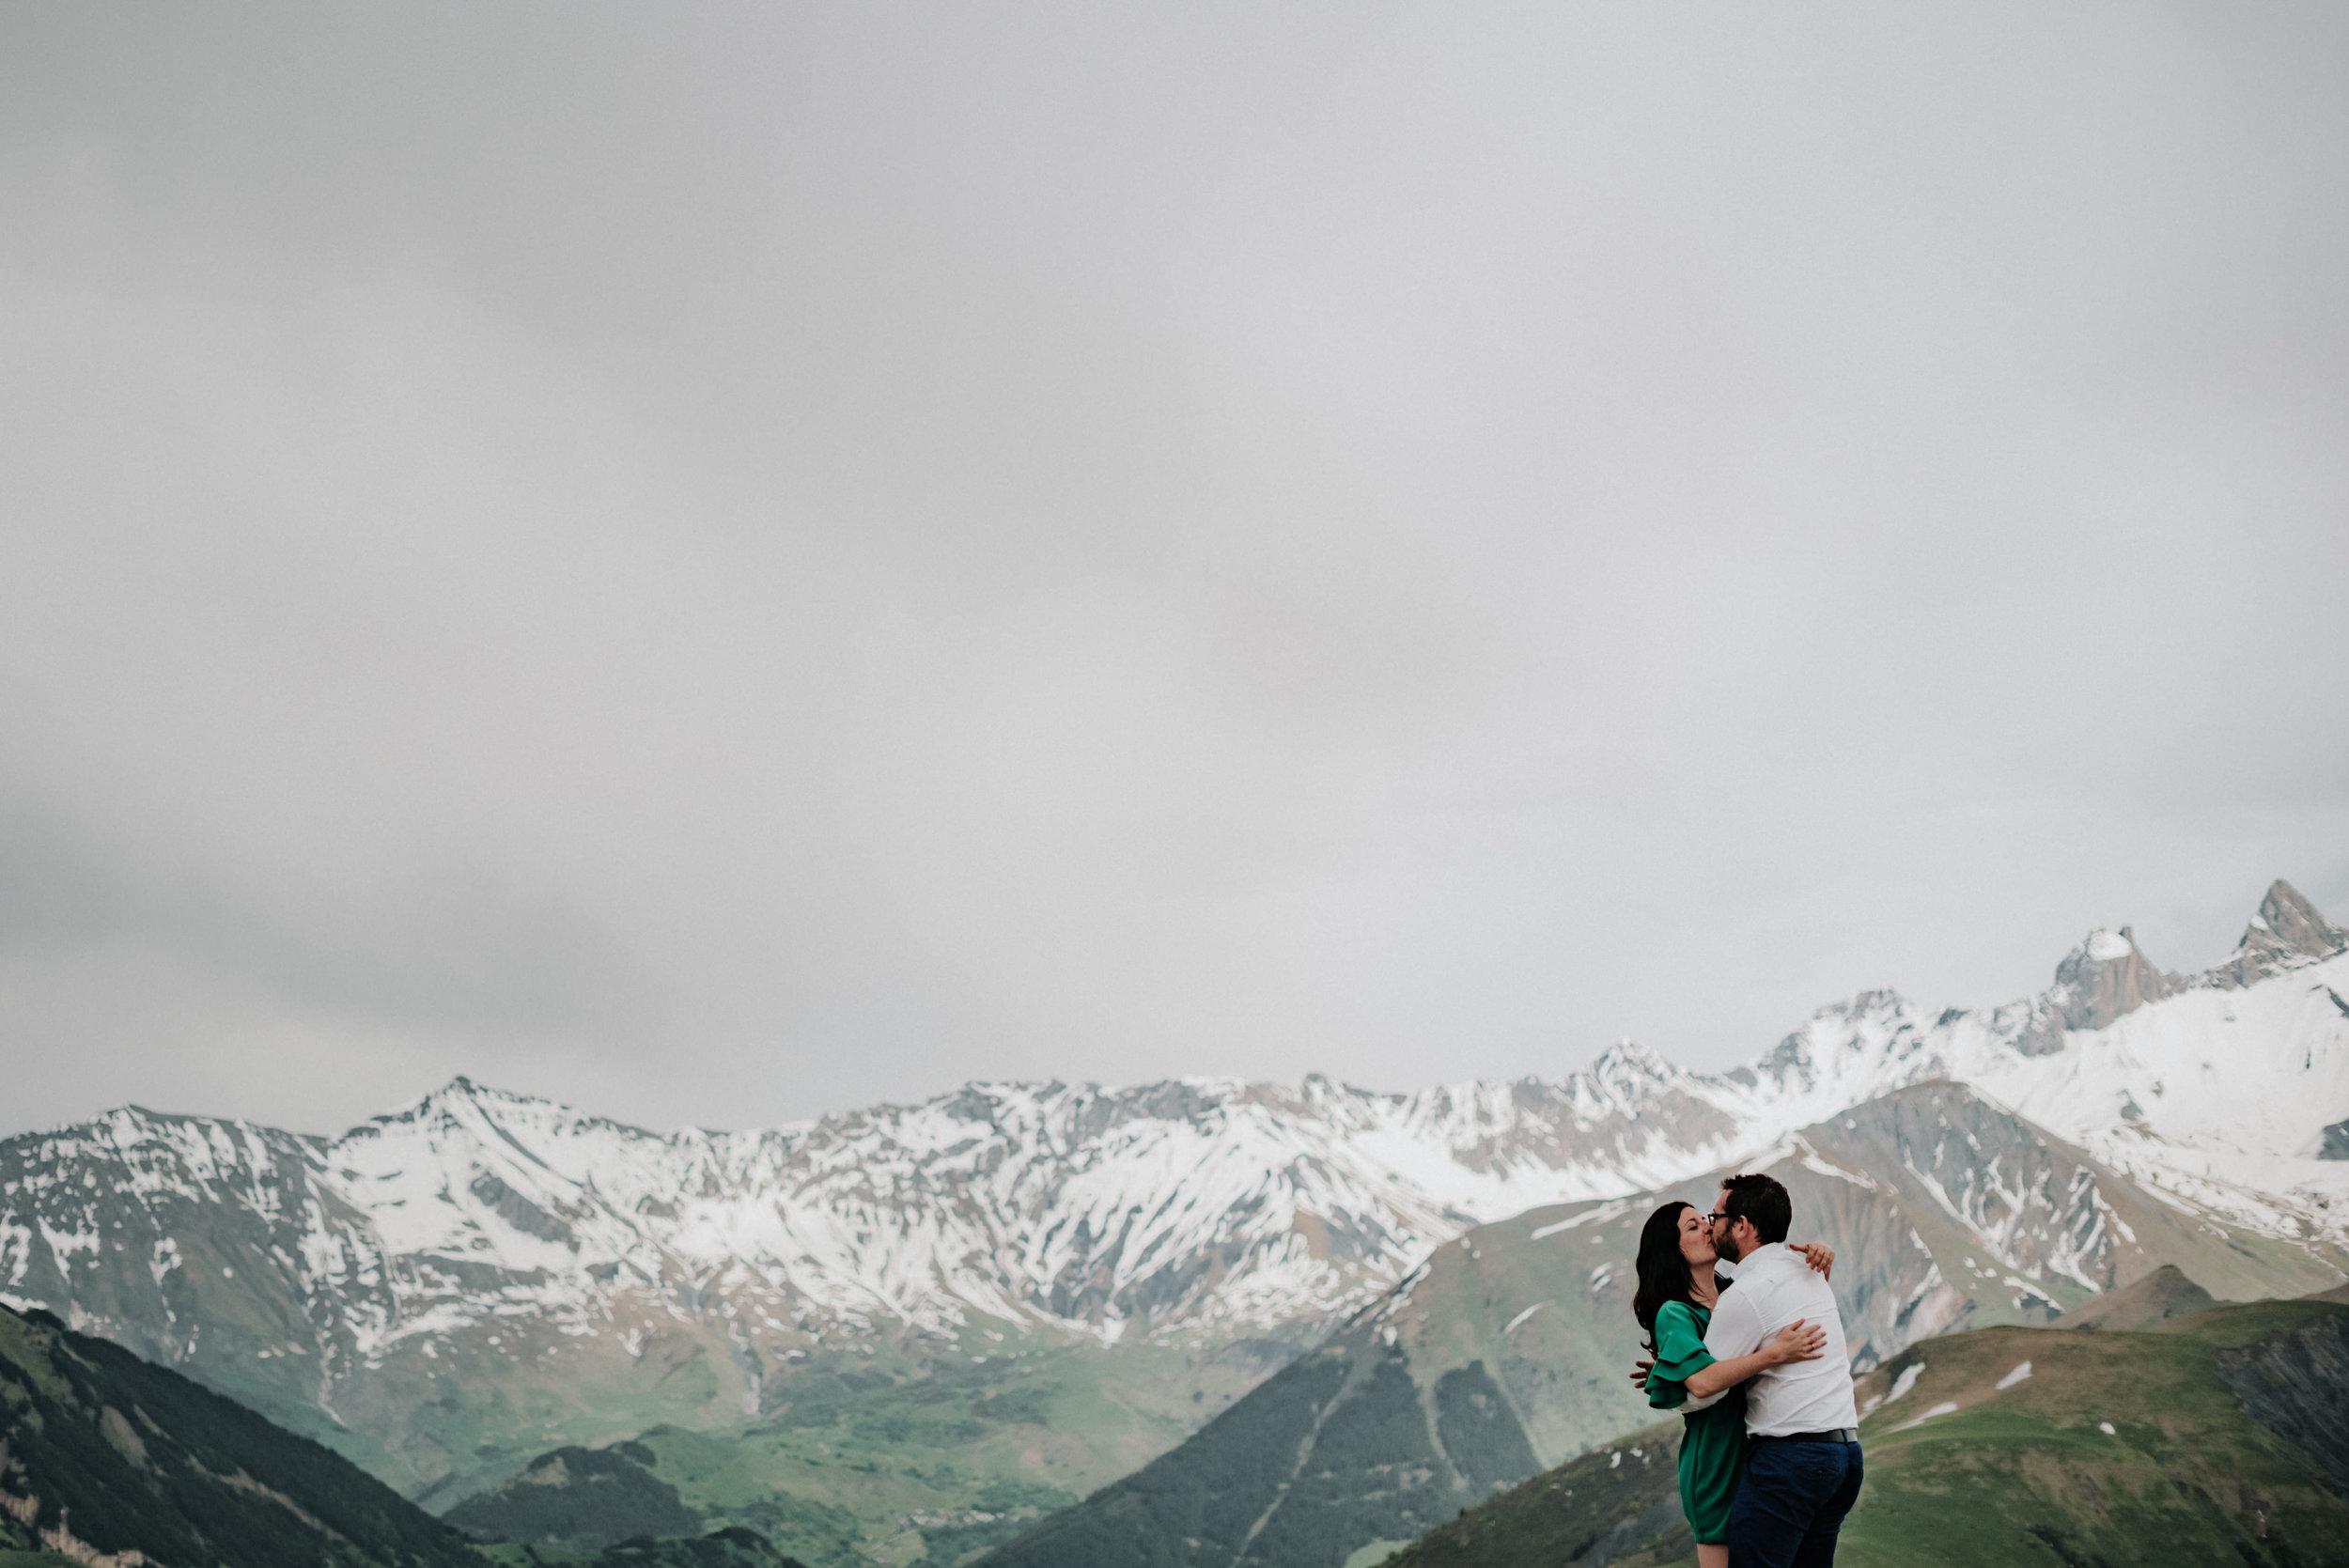 Léa-Fery-photographe-professionnel-lyon-rhone-alpes-portrait-creation-mariage-evenement-evenementiel-famille-0885.jpg